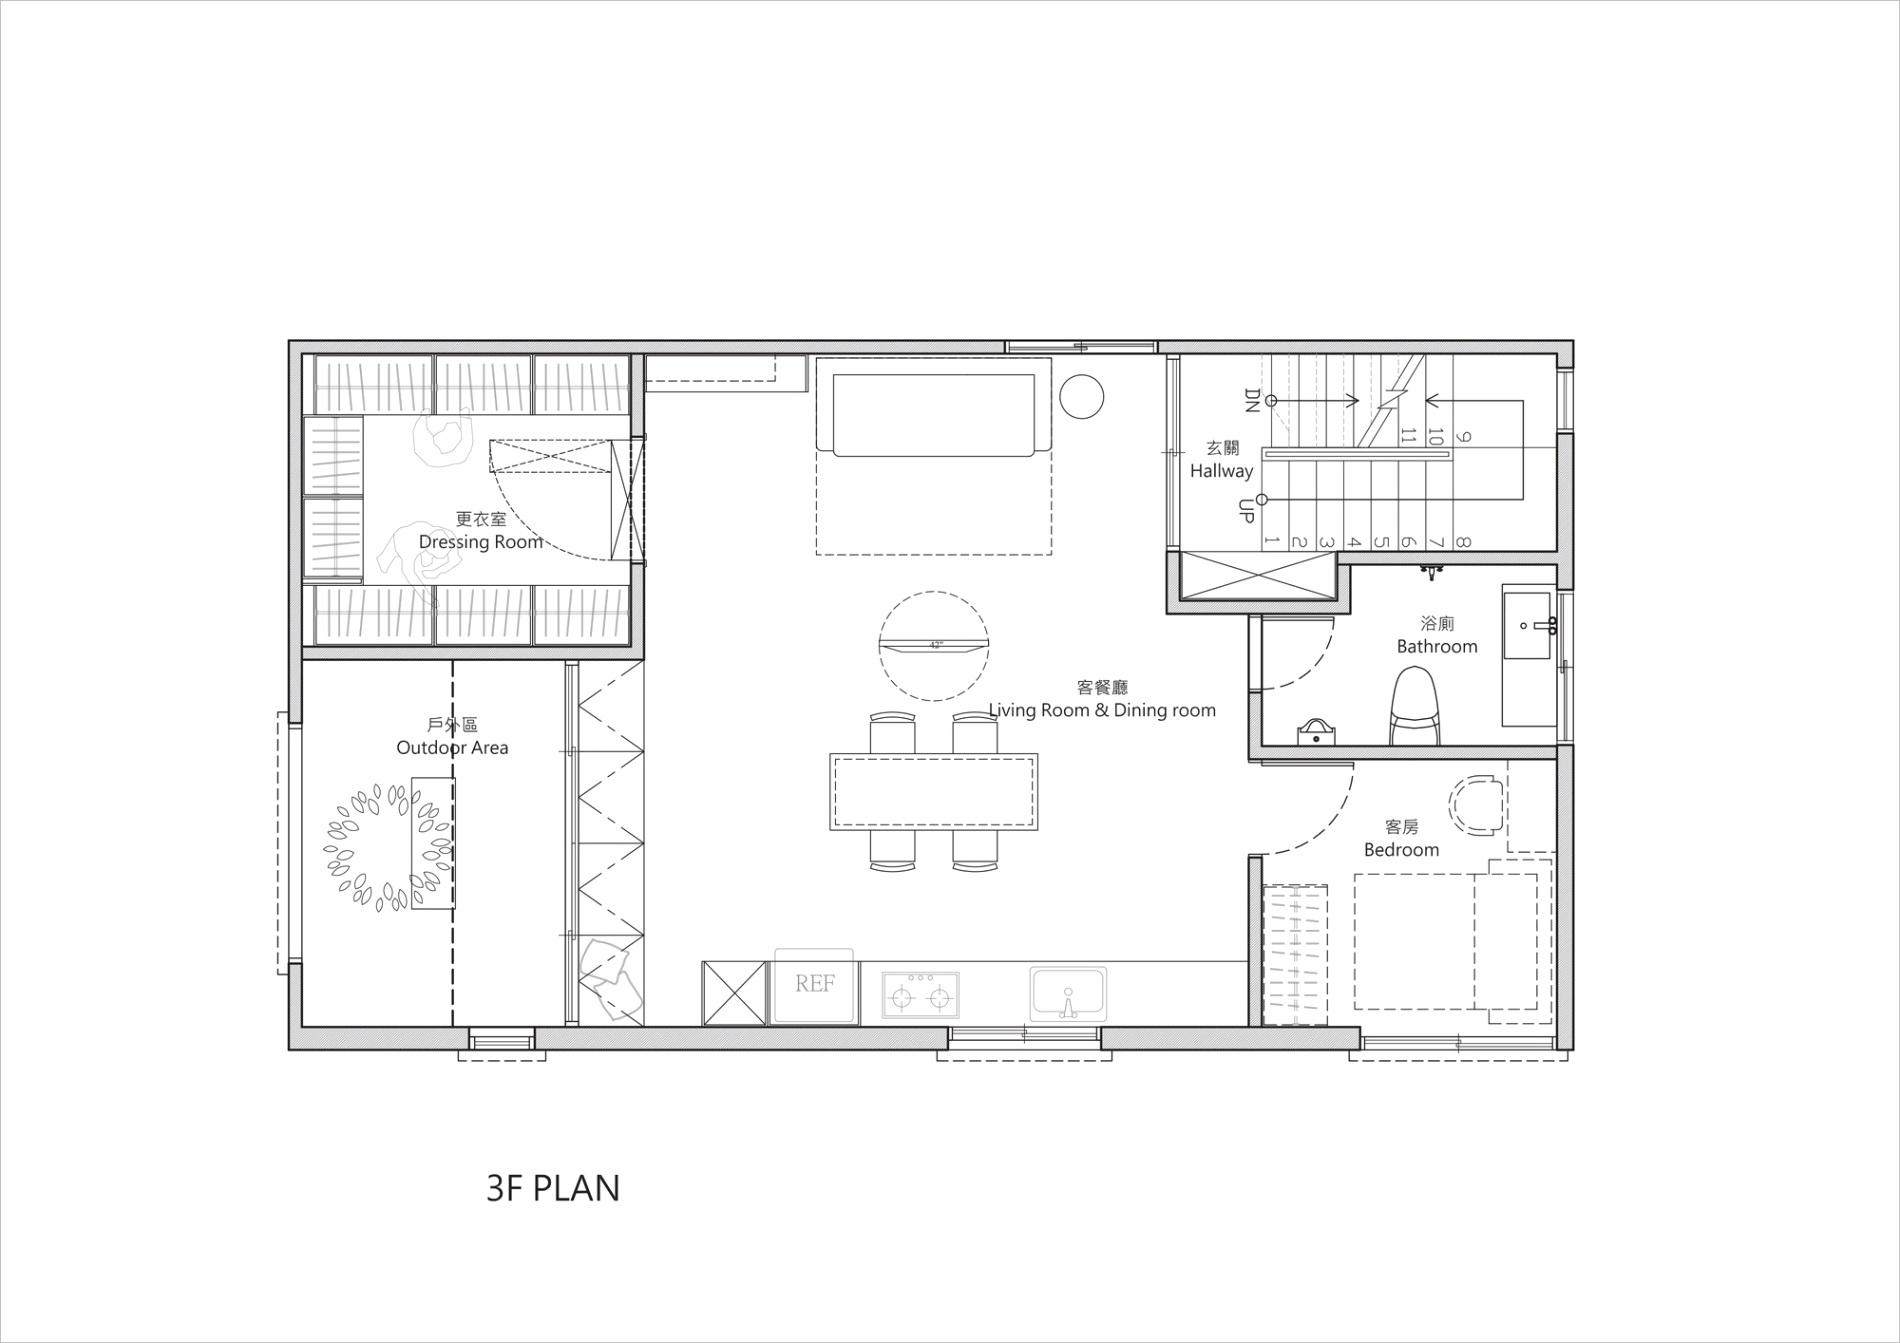 54f9af3be58ece86bb0001e4 floor plan